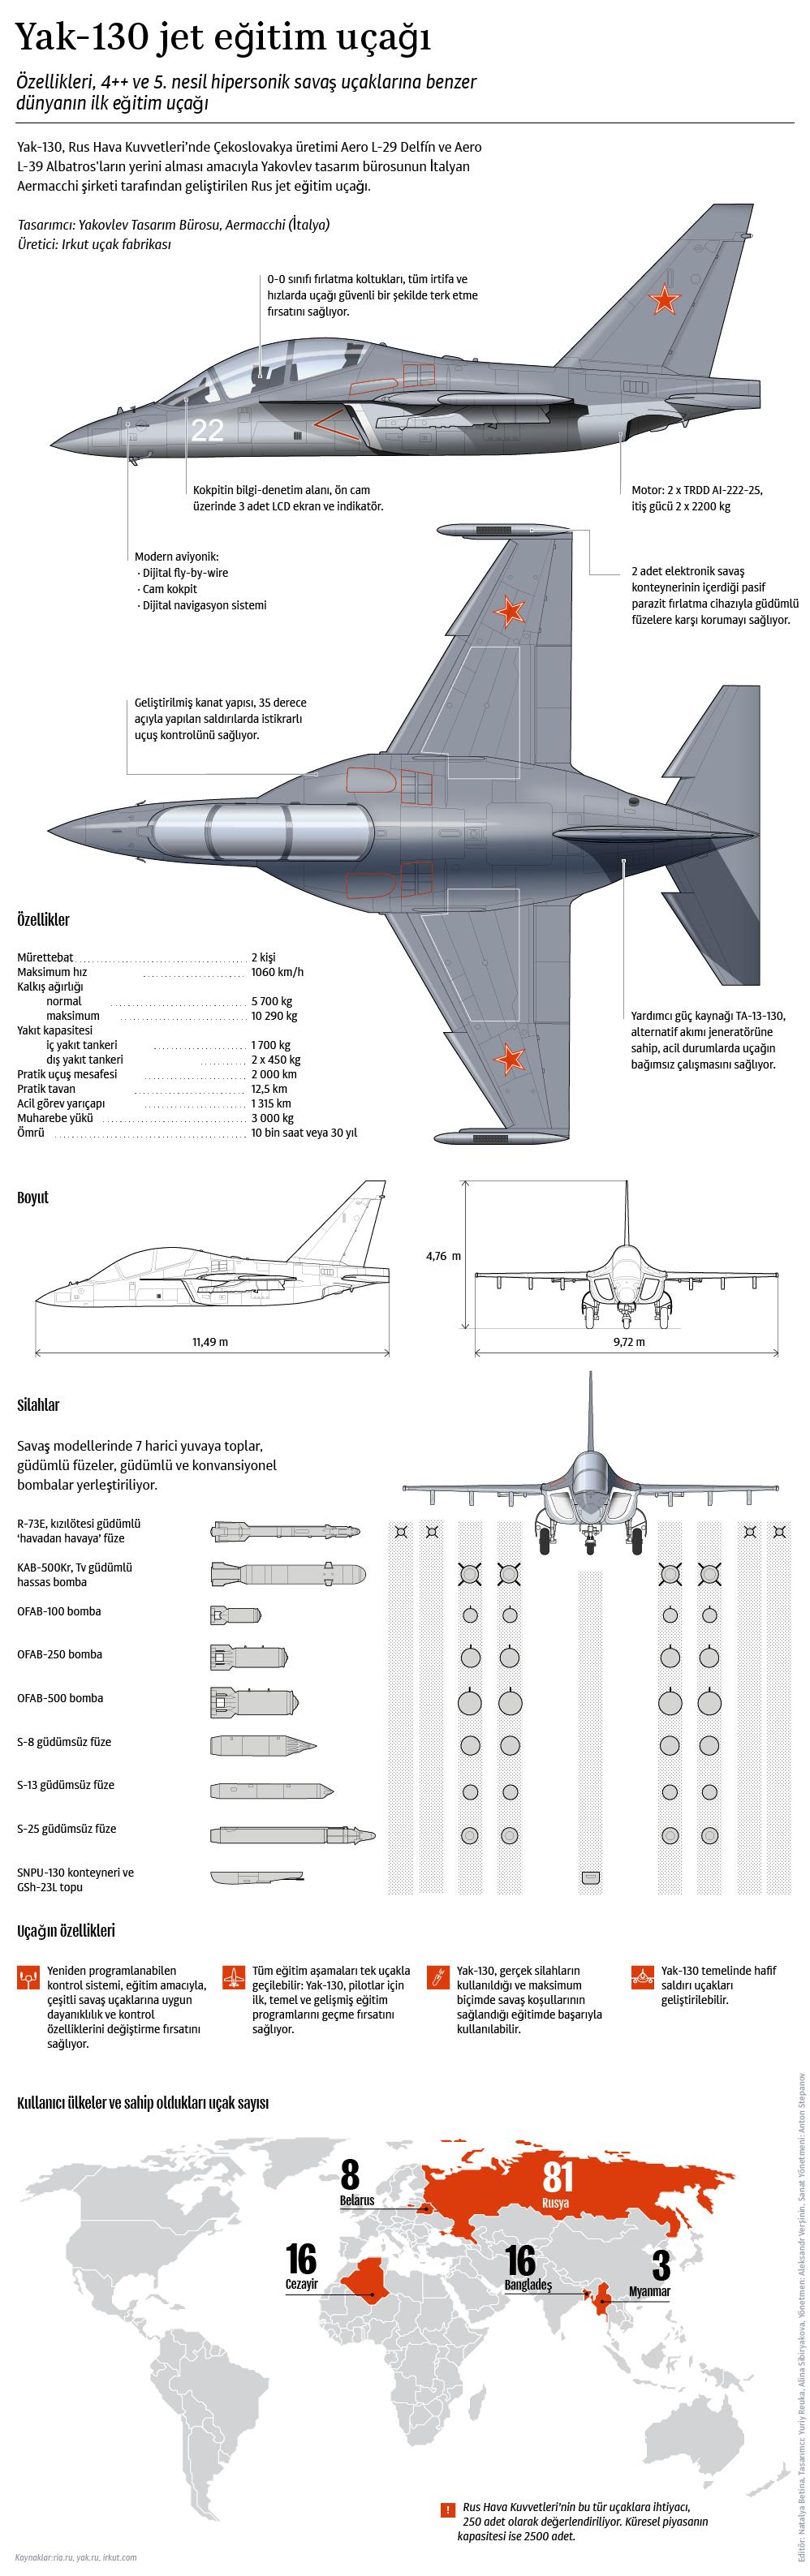 Yak-130 jet eğitim uçağı